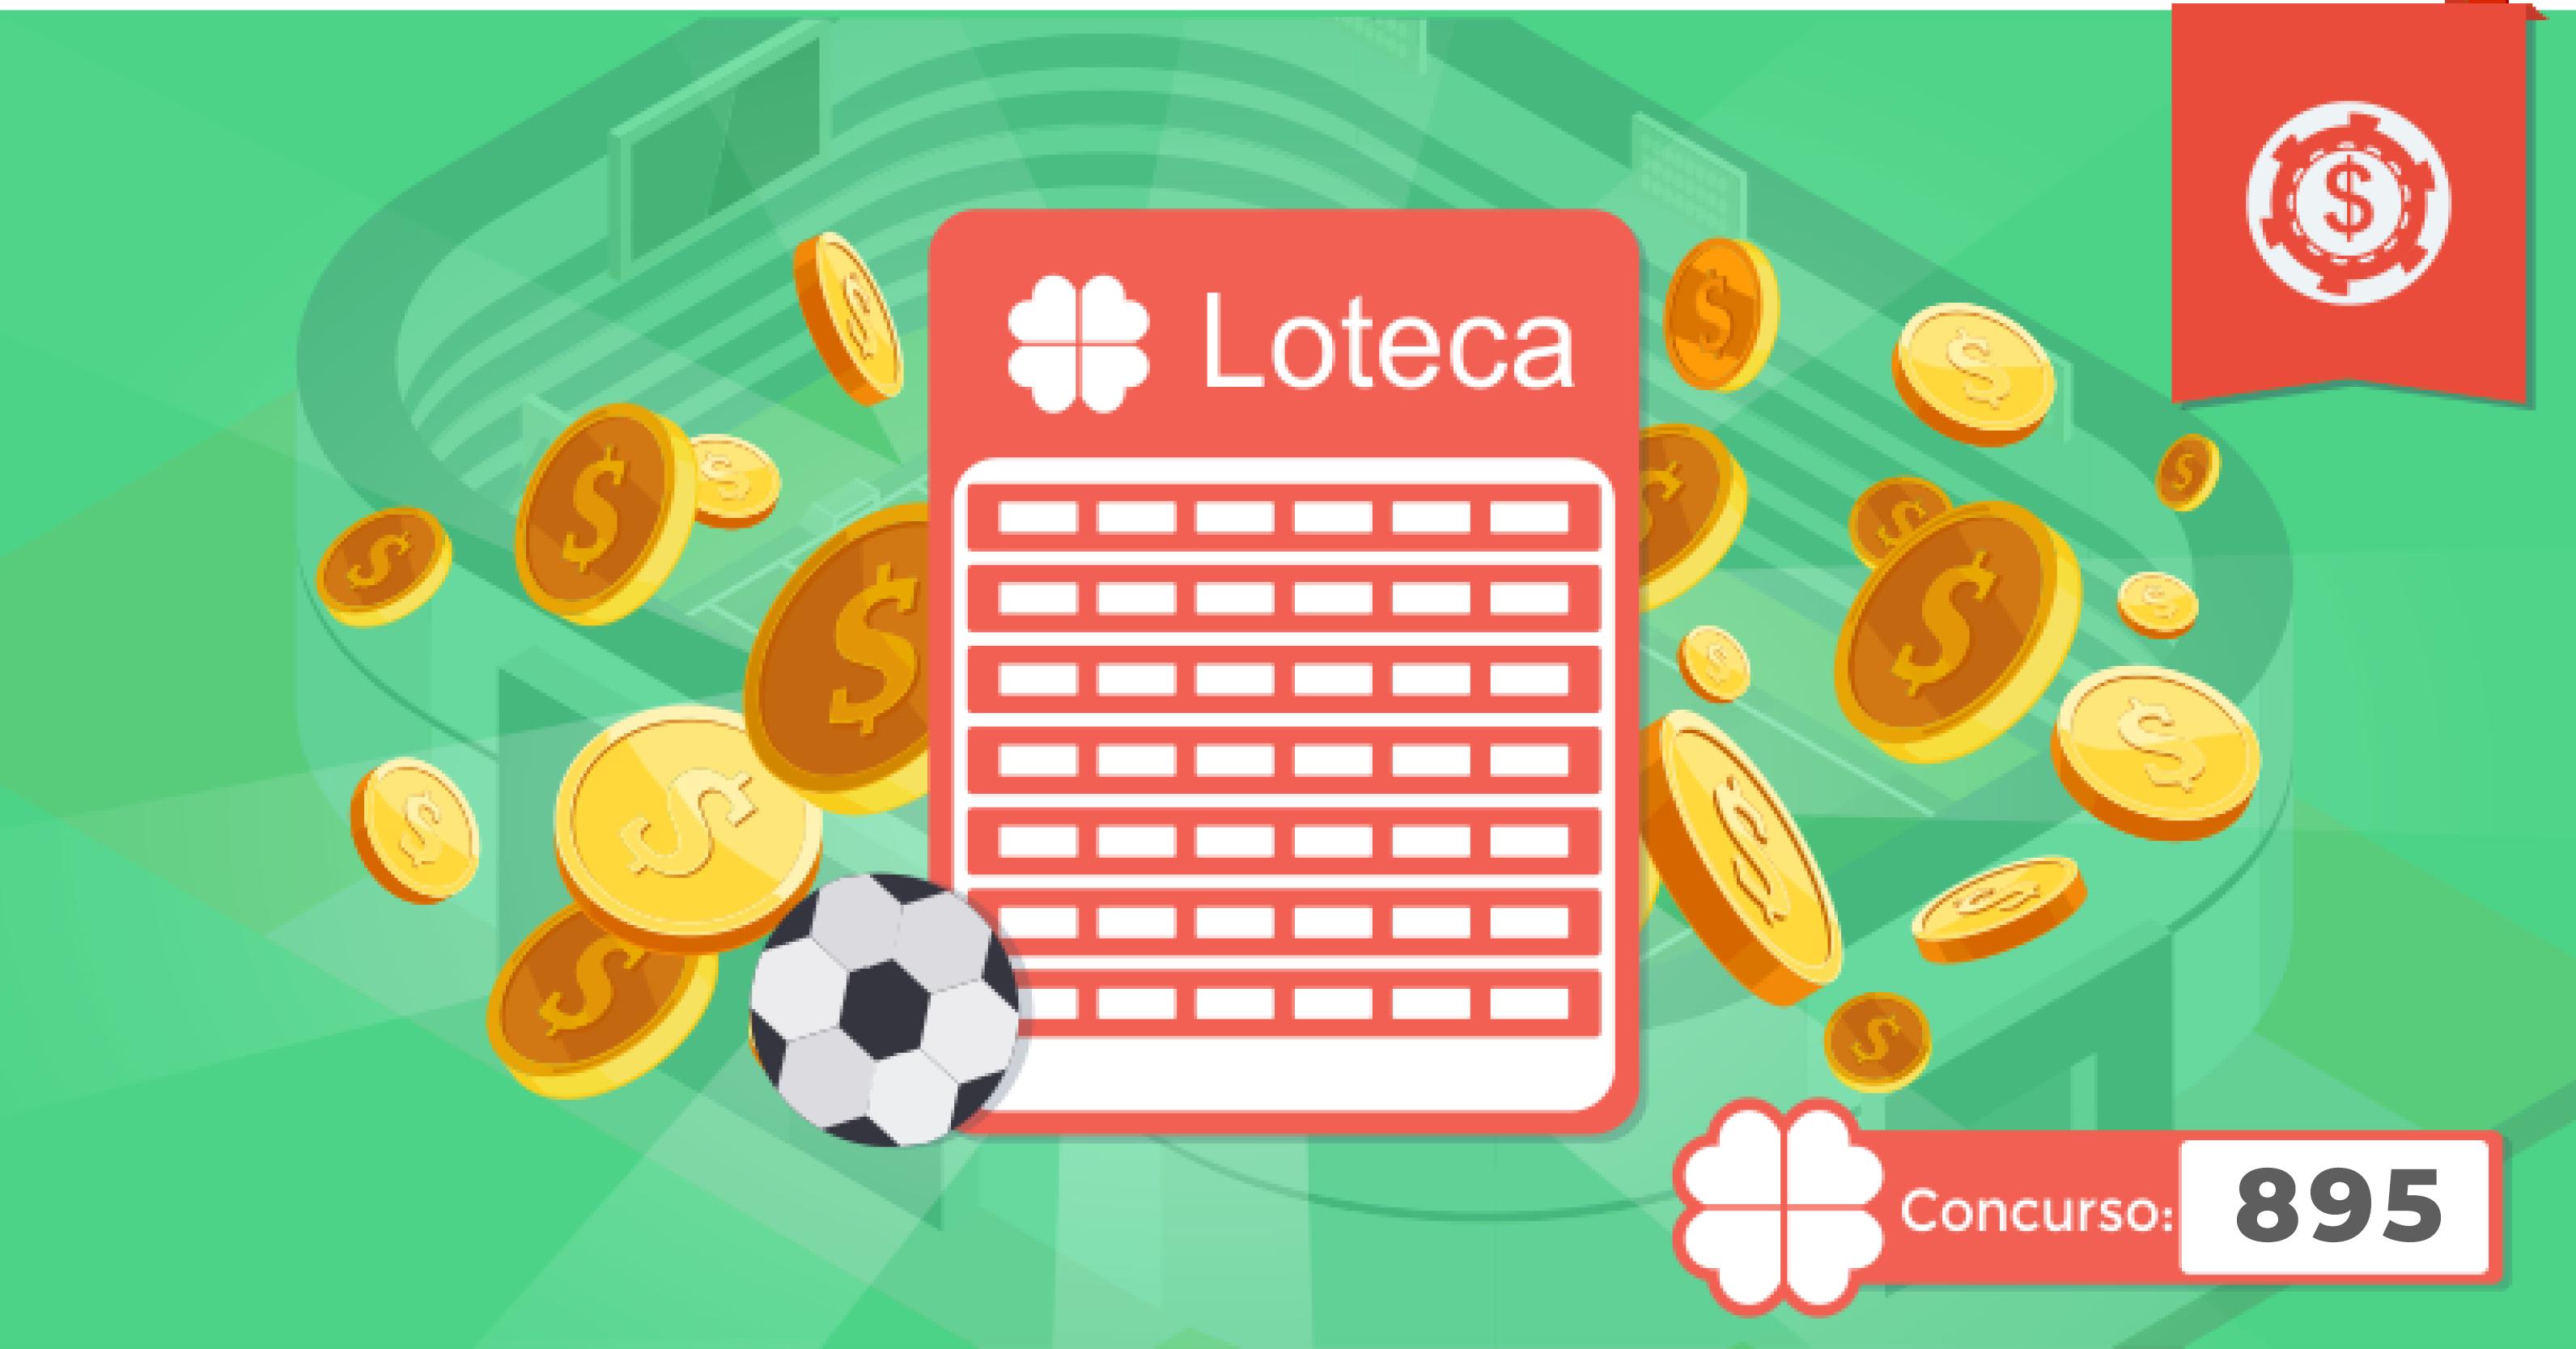 palpites-loteca-895-palpites-loteca-semana-1